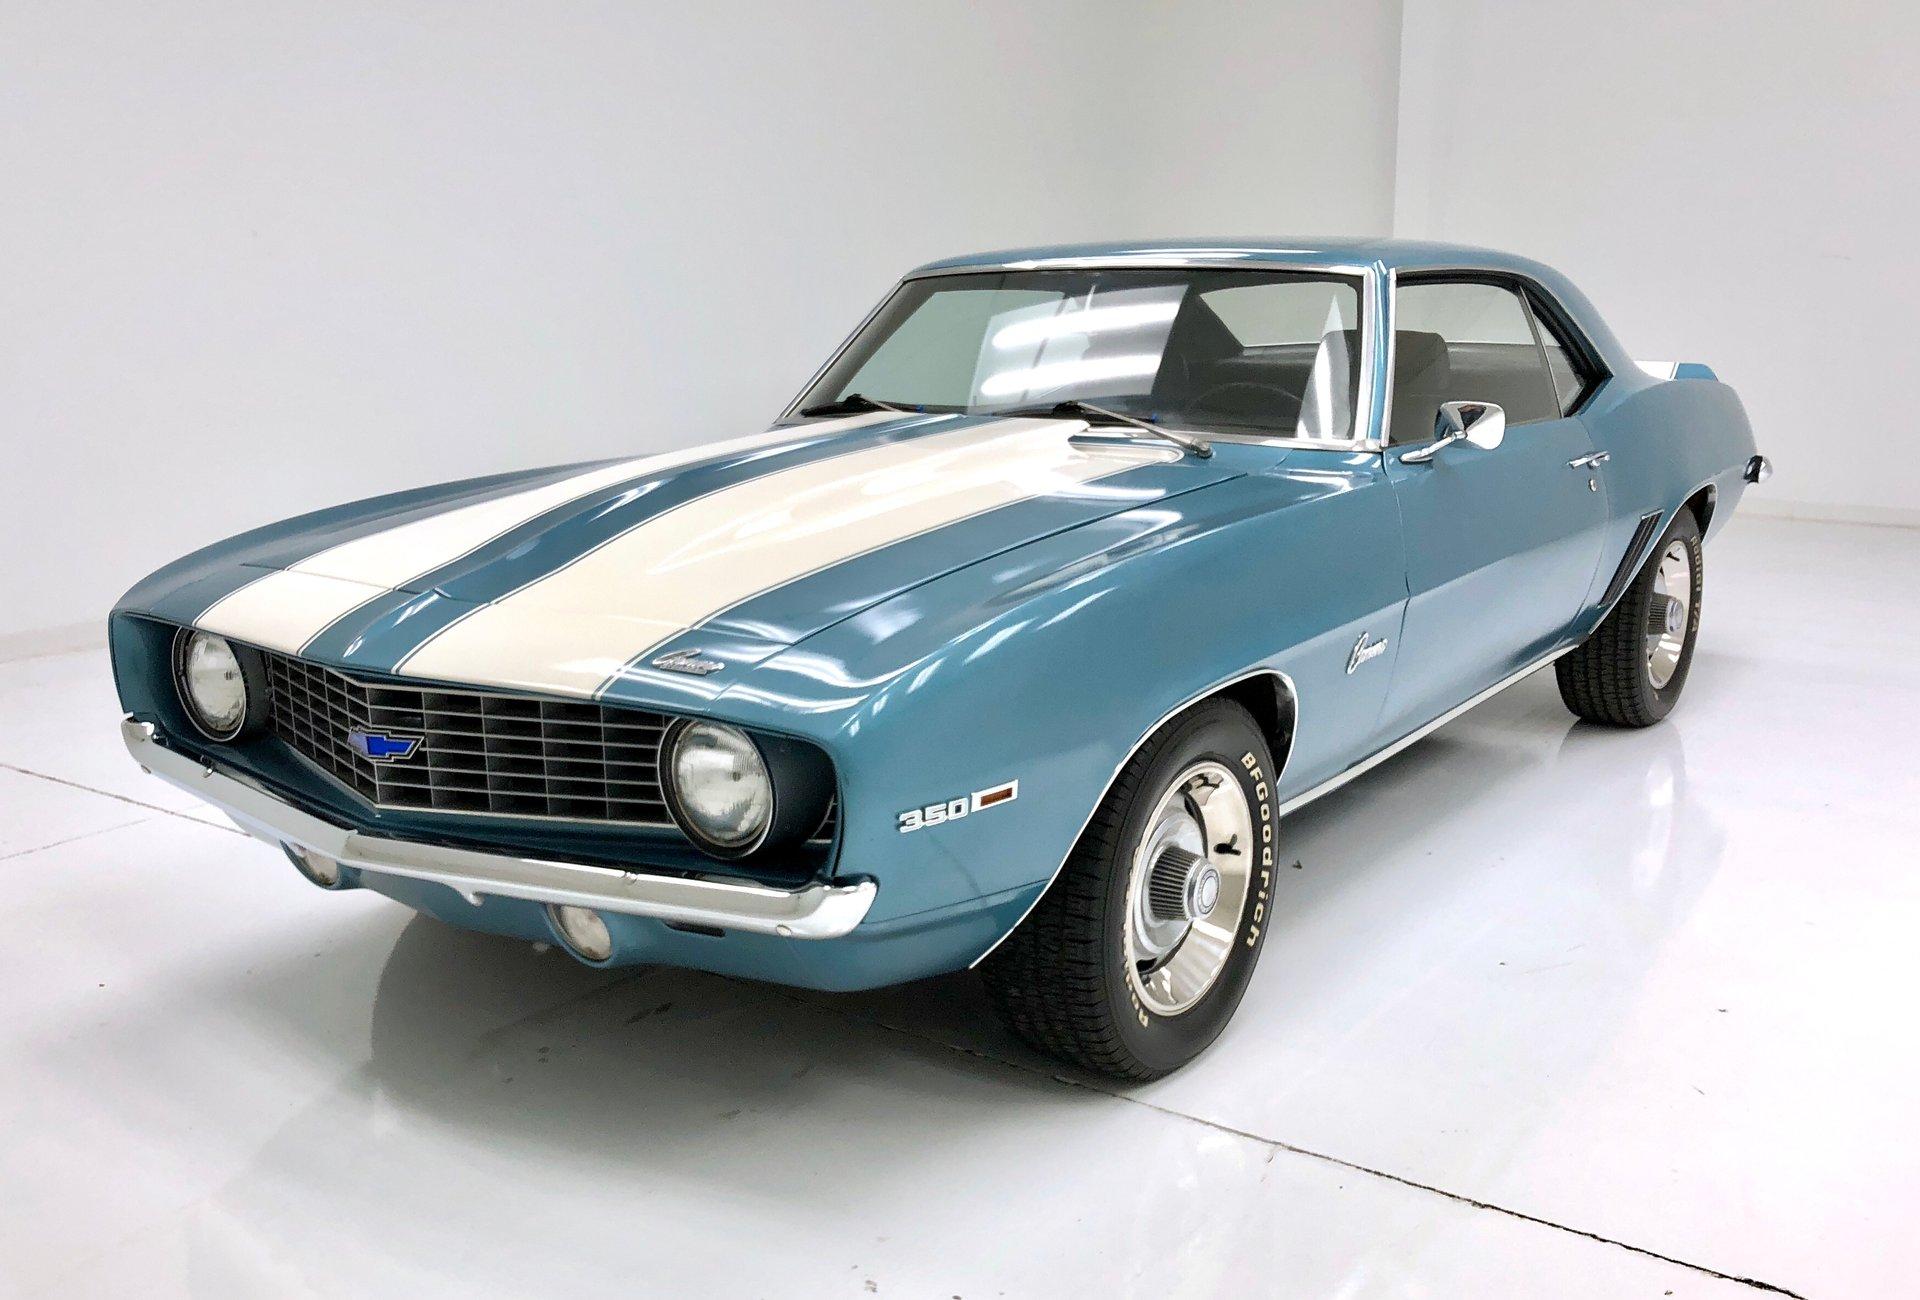 1969 Chevrolet Camaro | Classic Auto Mall